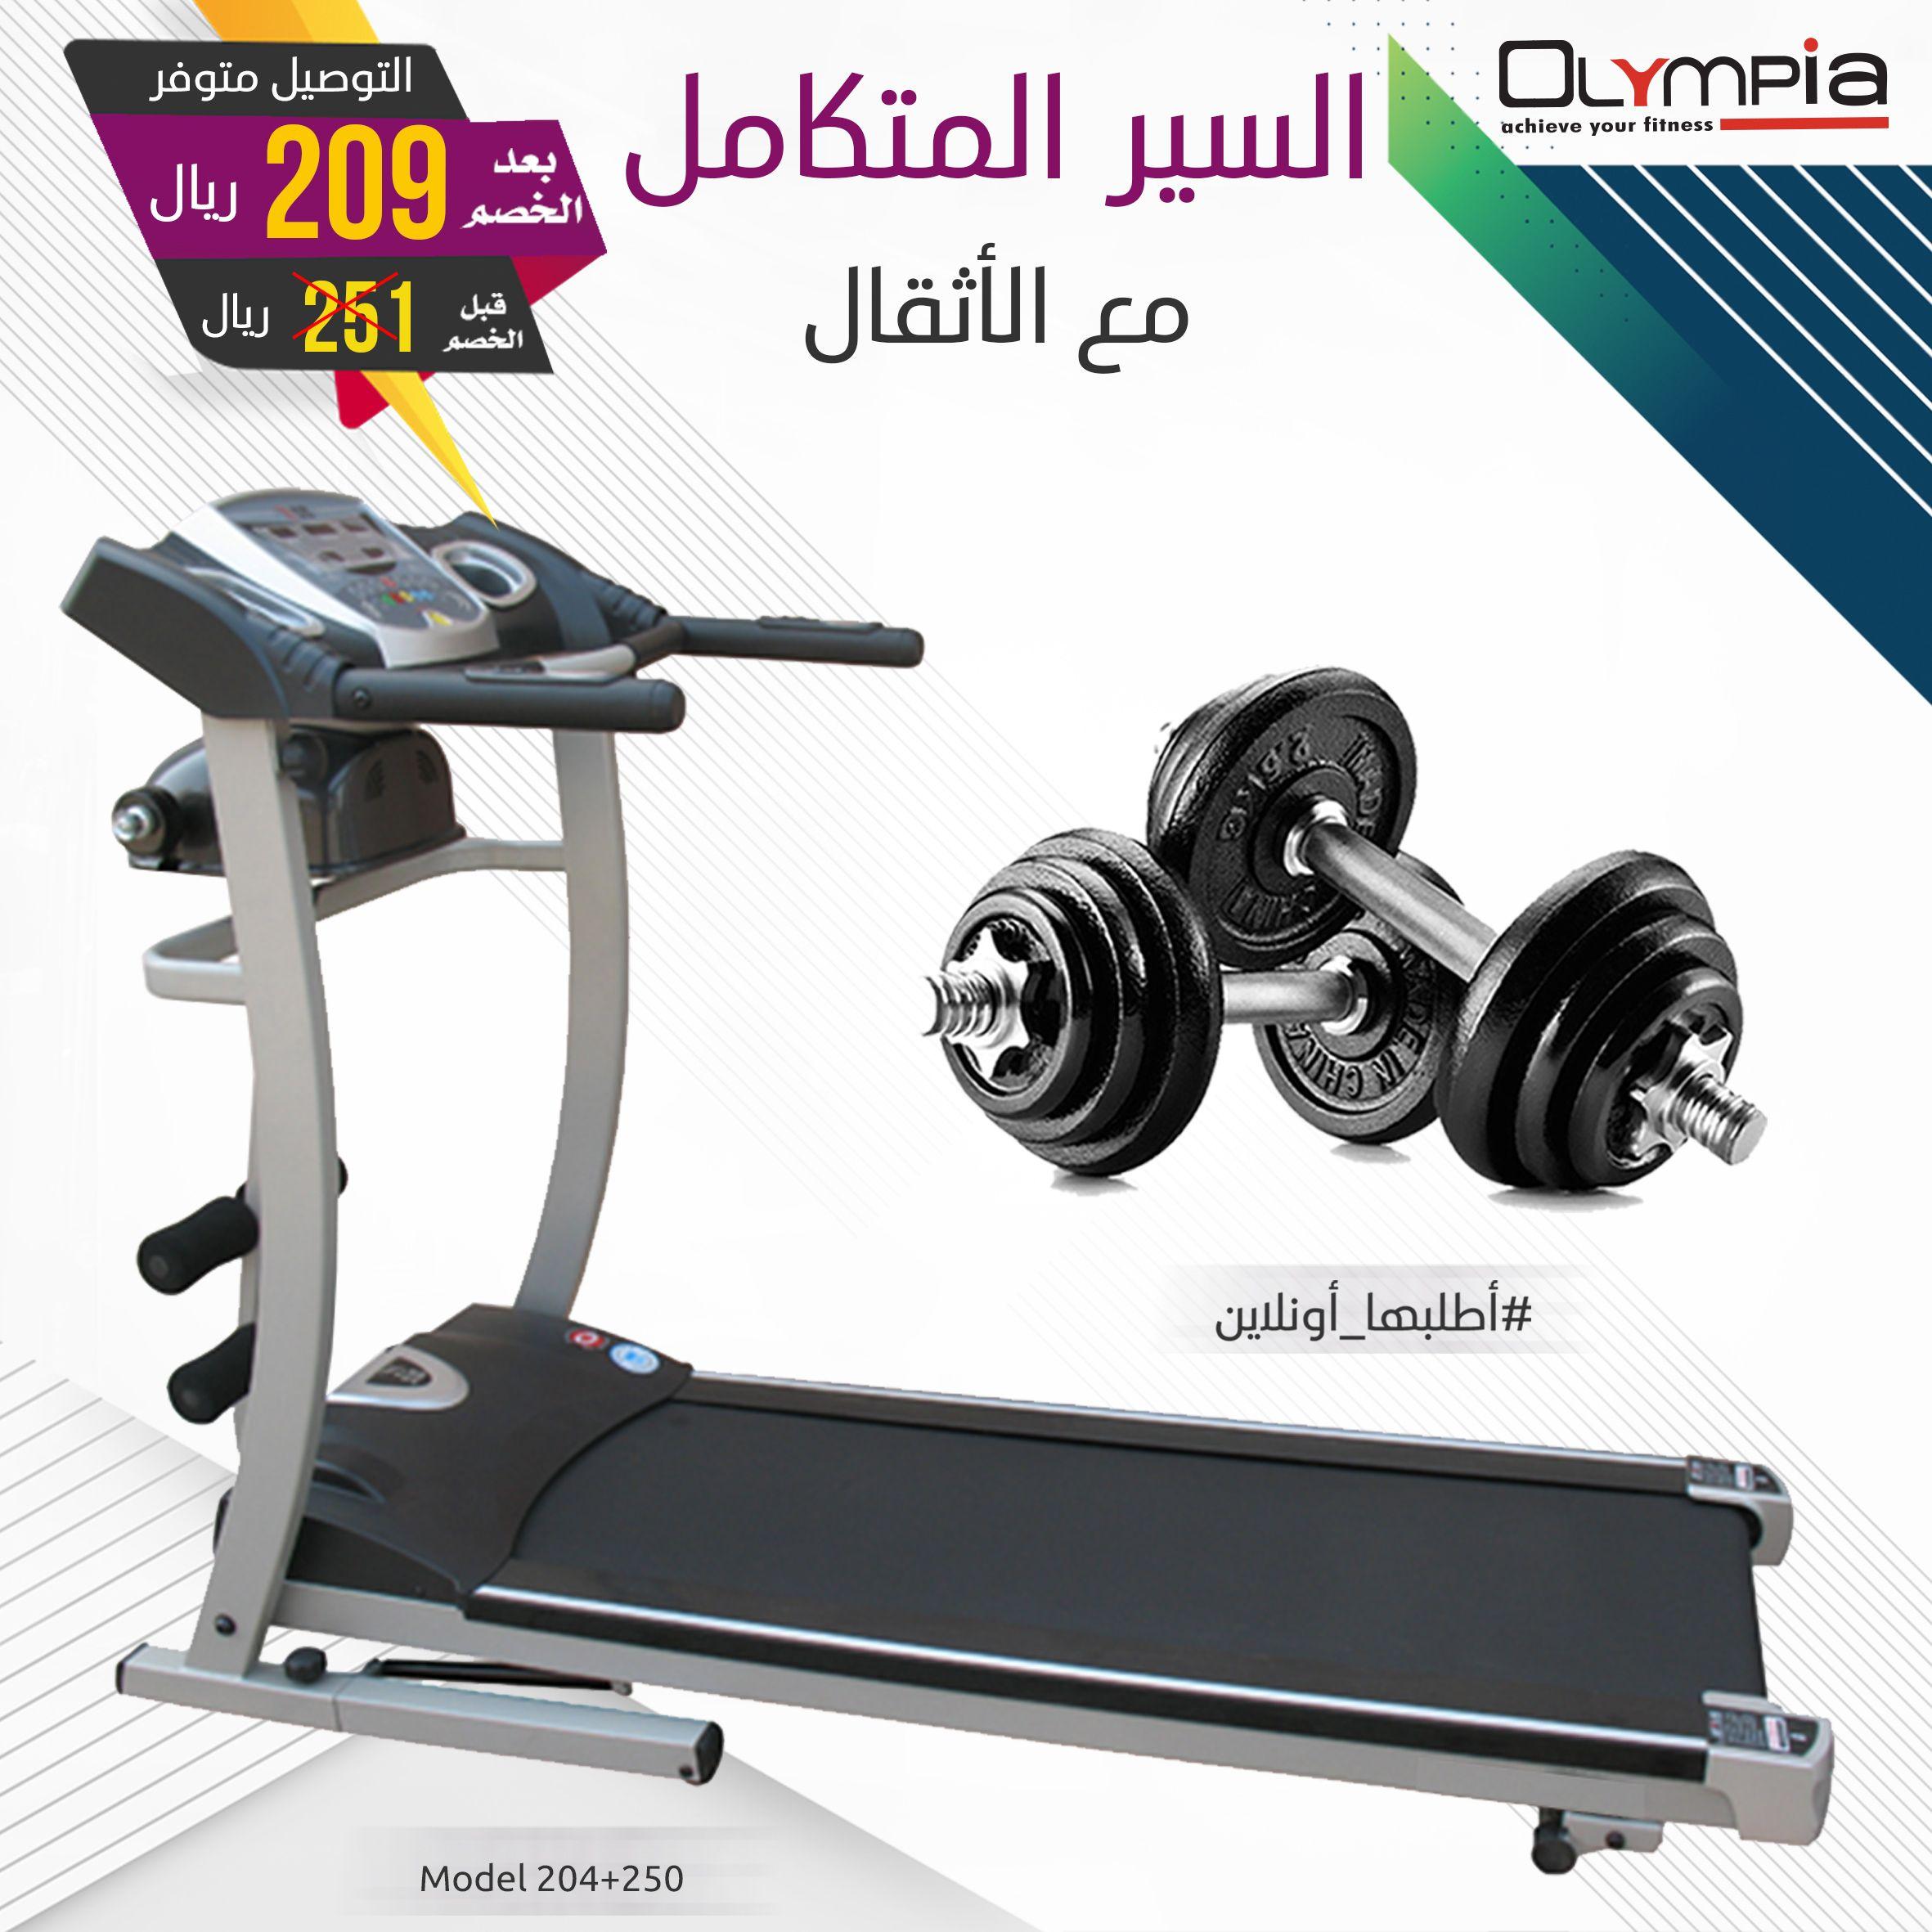 السير المتكامل قوة ٢ حصان مع مكينة مساج خاصة بتمارين البطن والخصر مع قوة تحمل ١٢٠ كيل مع عدة مجموعات اختيارية و In 2020 You Fitness Sultanate Of Oman Gym Equipment